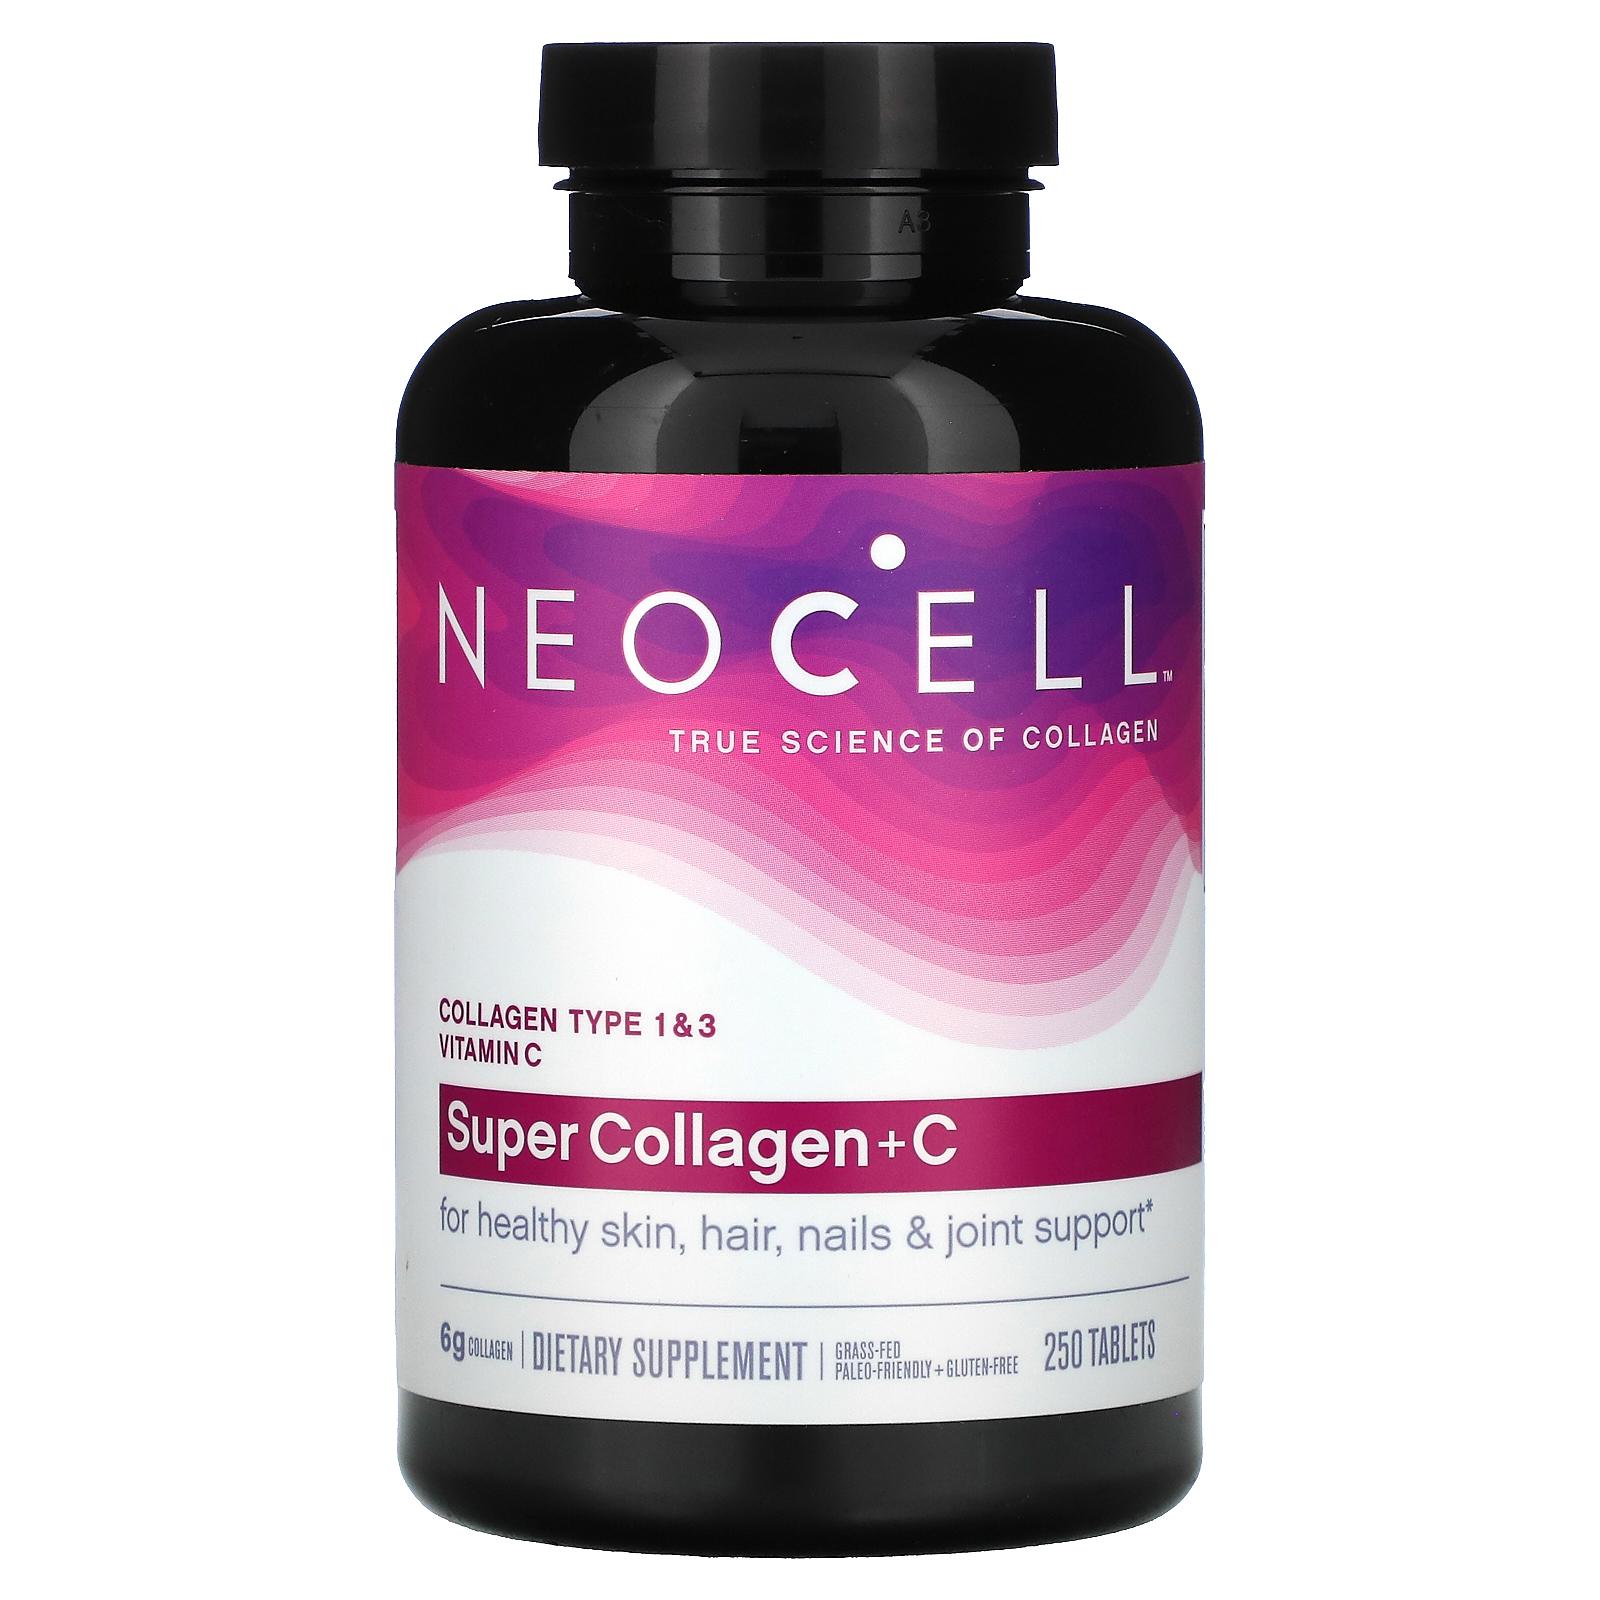 سوبر كولاجين بلس سي super collagen + c تجربتي  super collagen+c فوائد  super collagen + c سعر  كيفية استخدام حبوب الكولاجين مع فيتامين سي  أضرار حبوب كولاجين سي  كولاجين أفاميا  Neocell كولاجين  نيوسيل - كولاجين النوع 1 و 3